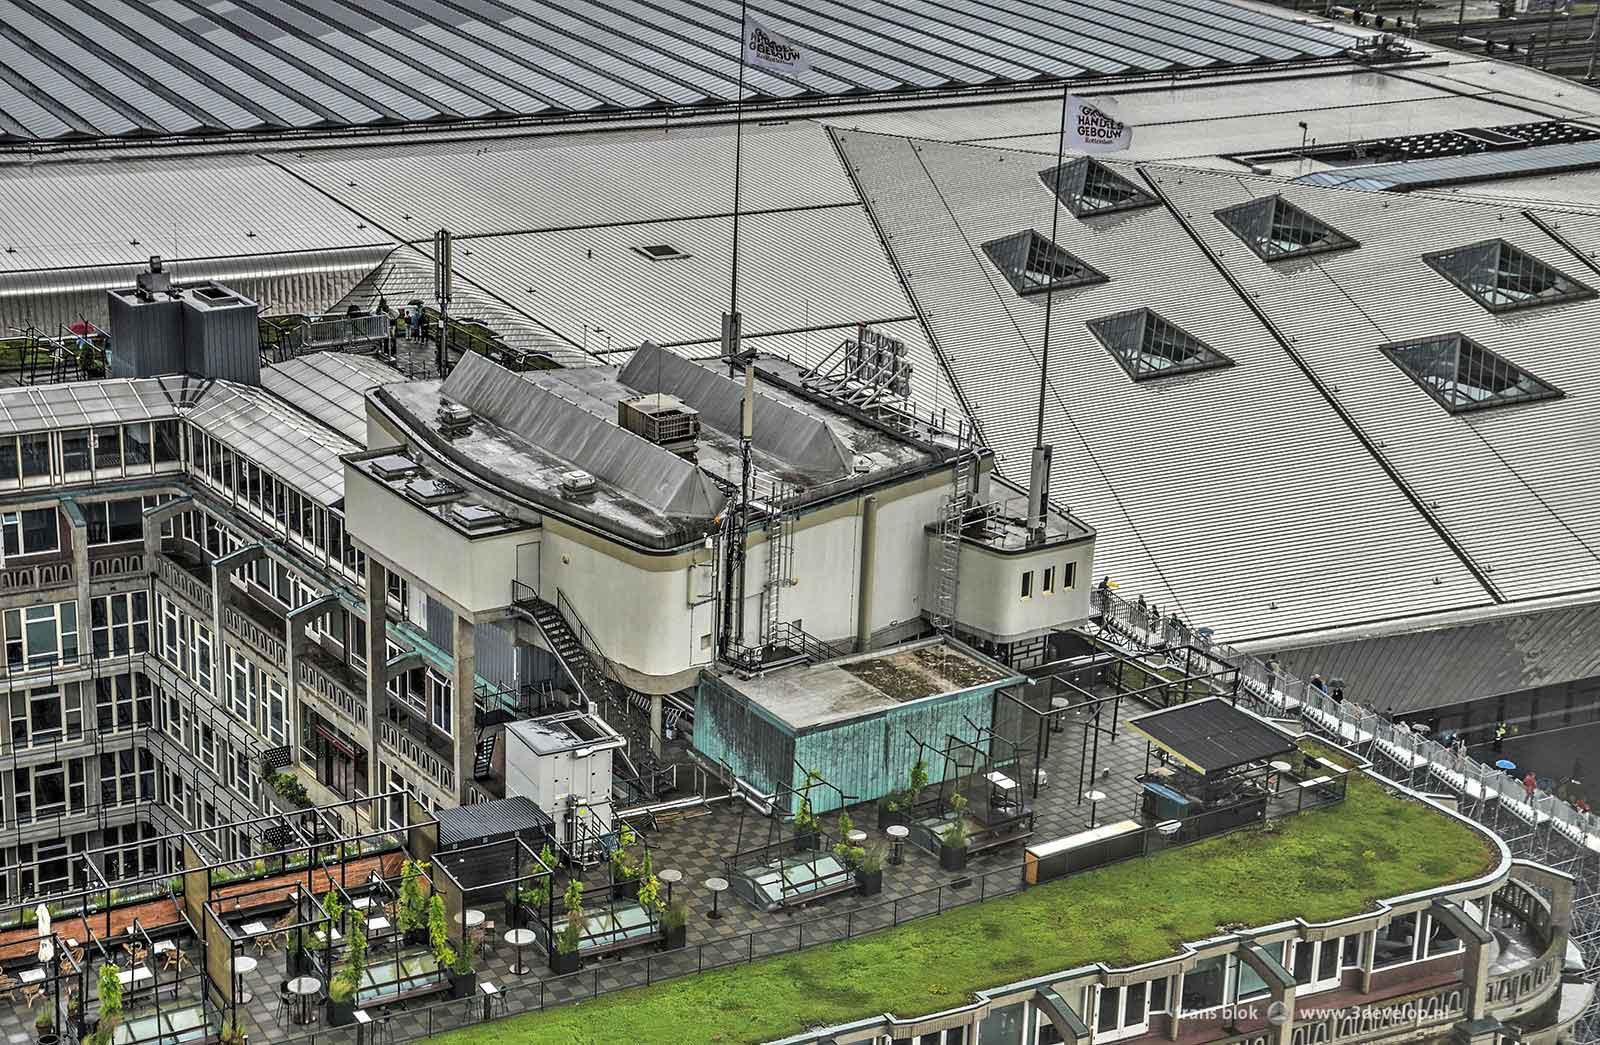 Foto gemaakt vanaf de 18e verdieping van First Rotterdam: het Groothandelsgebouw met bioscoop Kriterion, het Centraal Station en De Trap